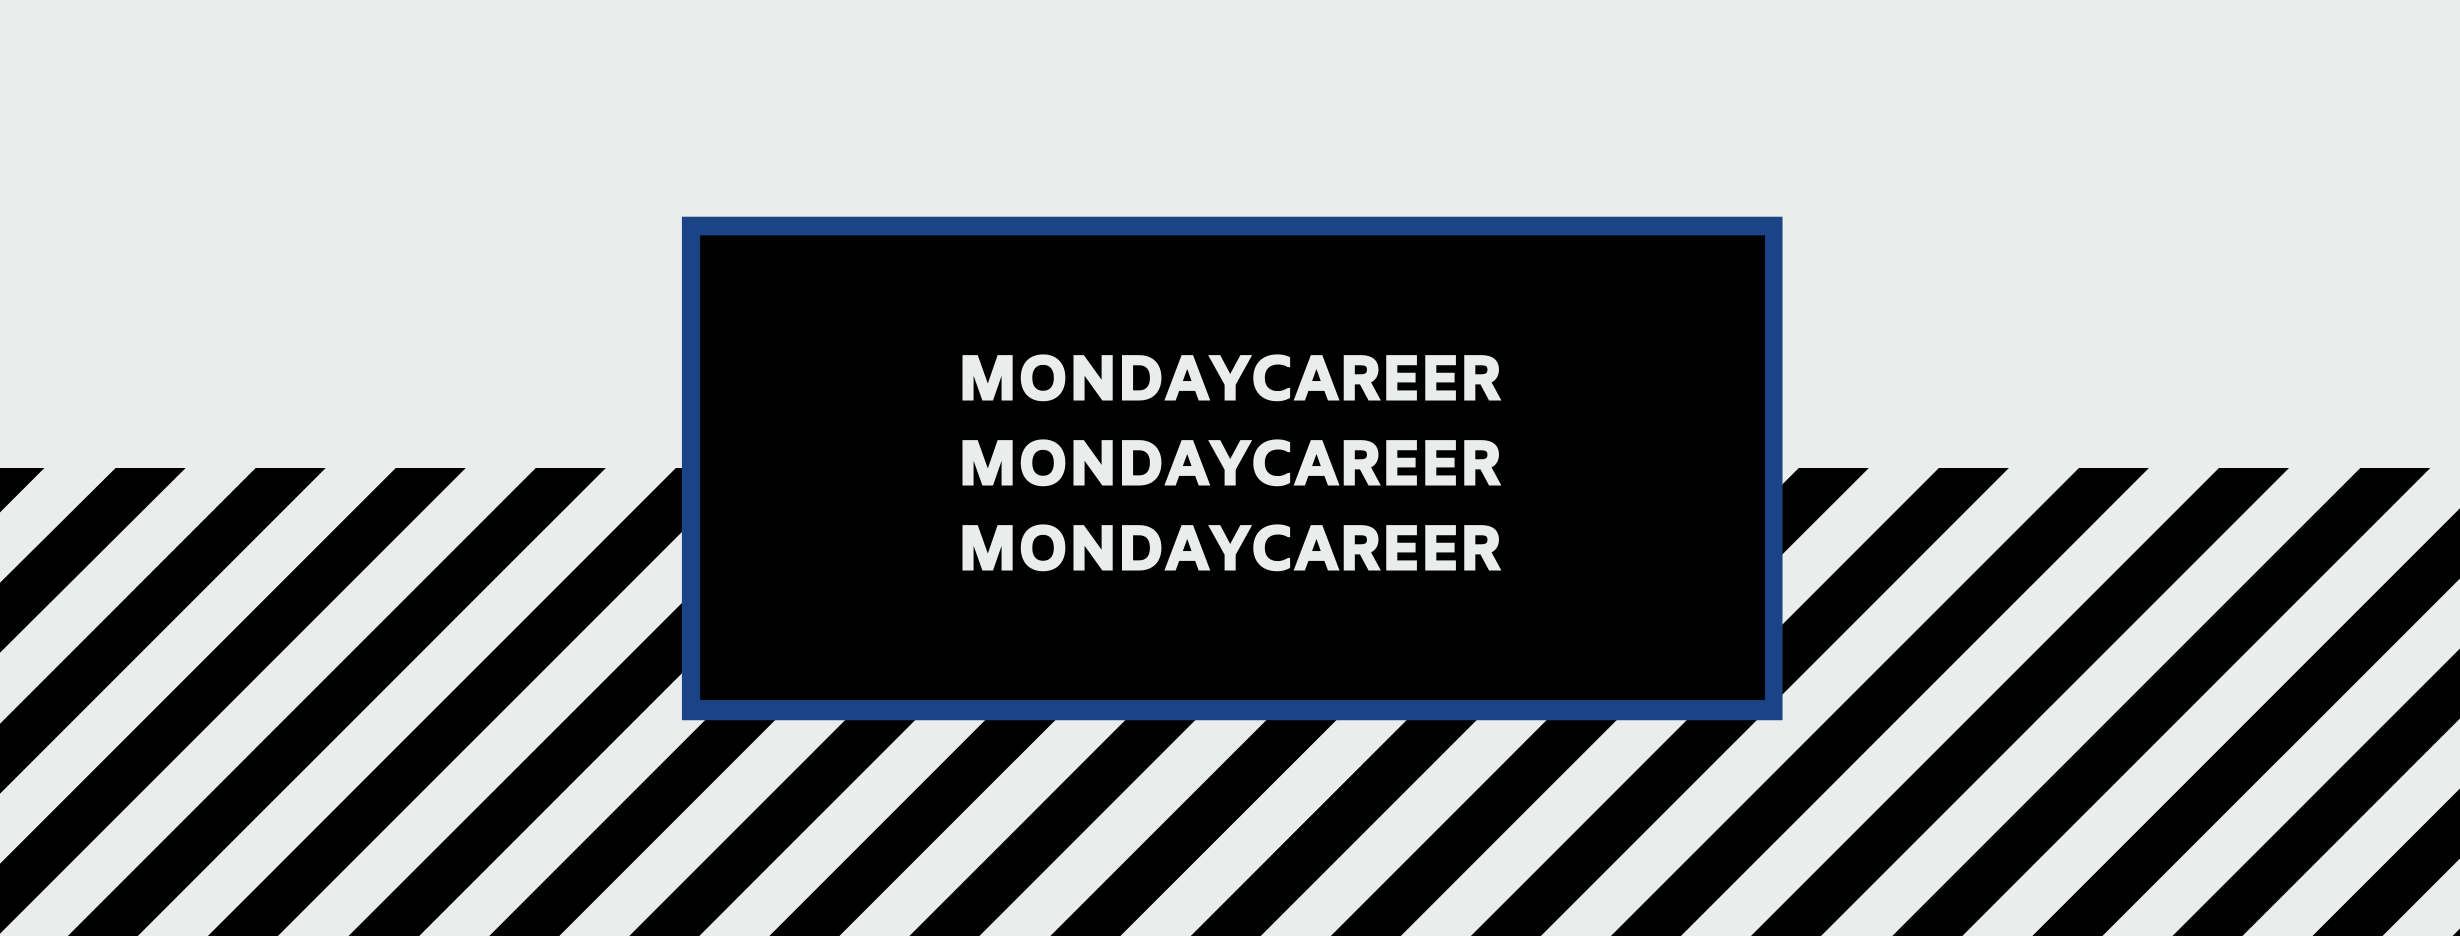 Mondaycareer trang tin tức nóng hổi về các xu hướng trong ngày